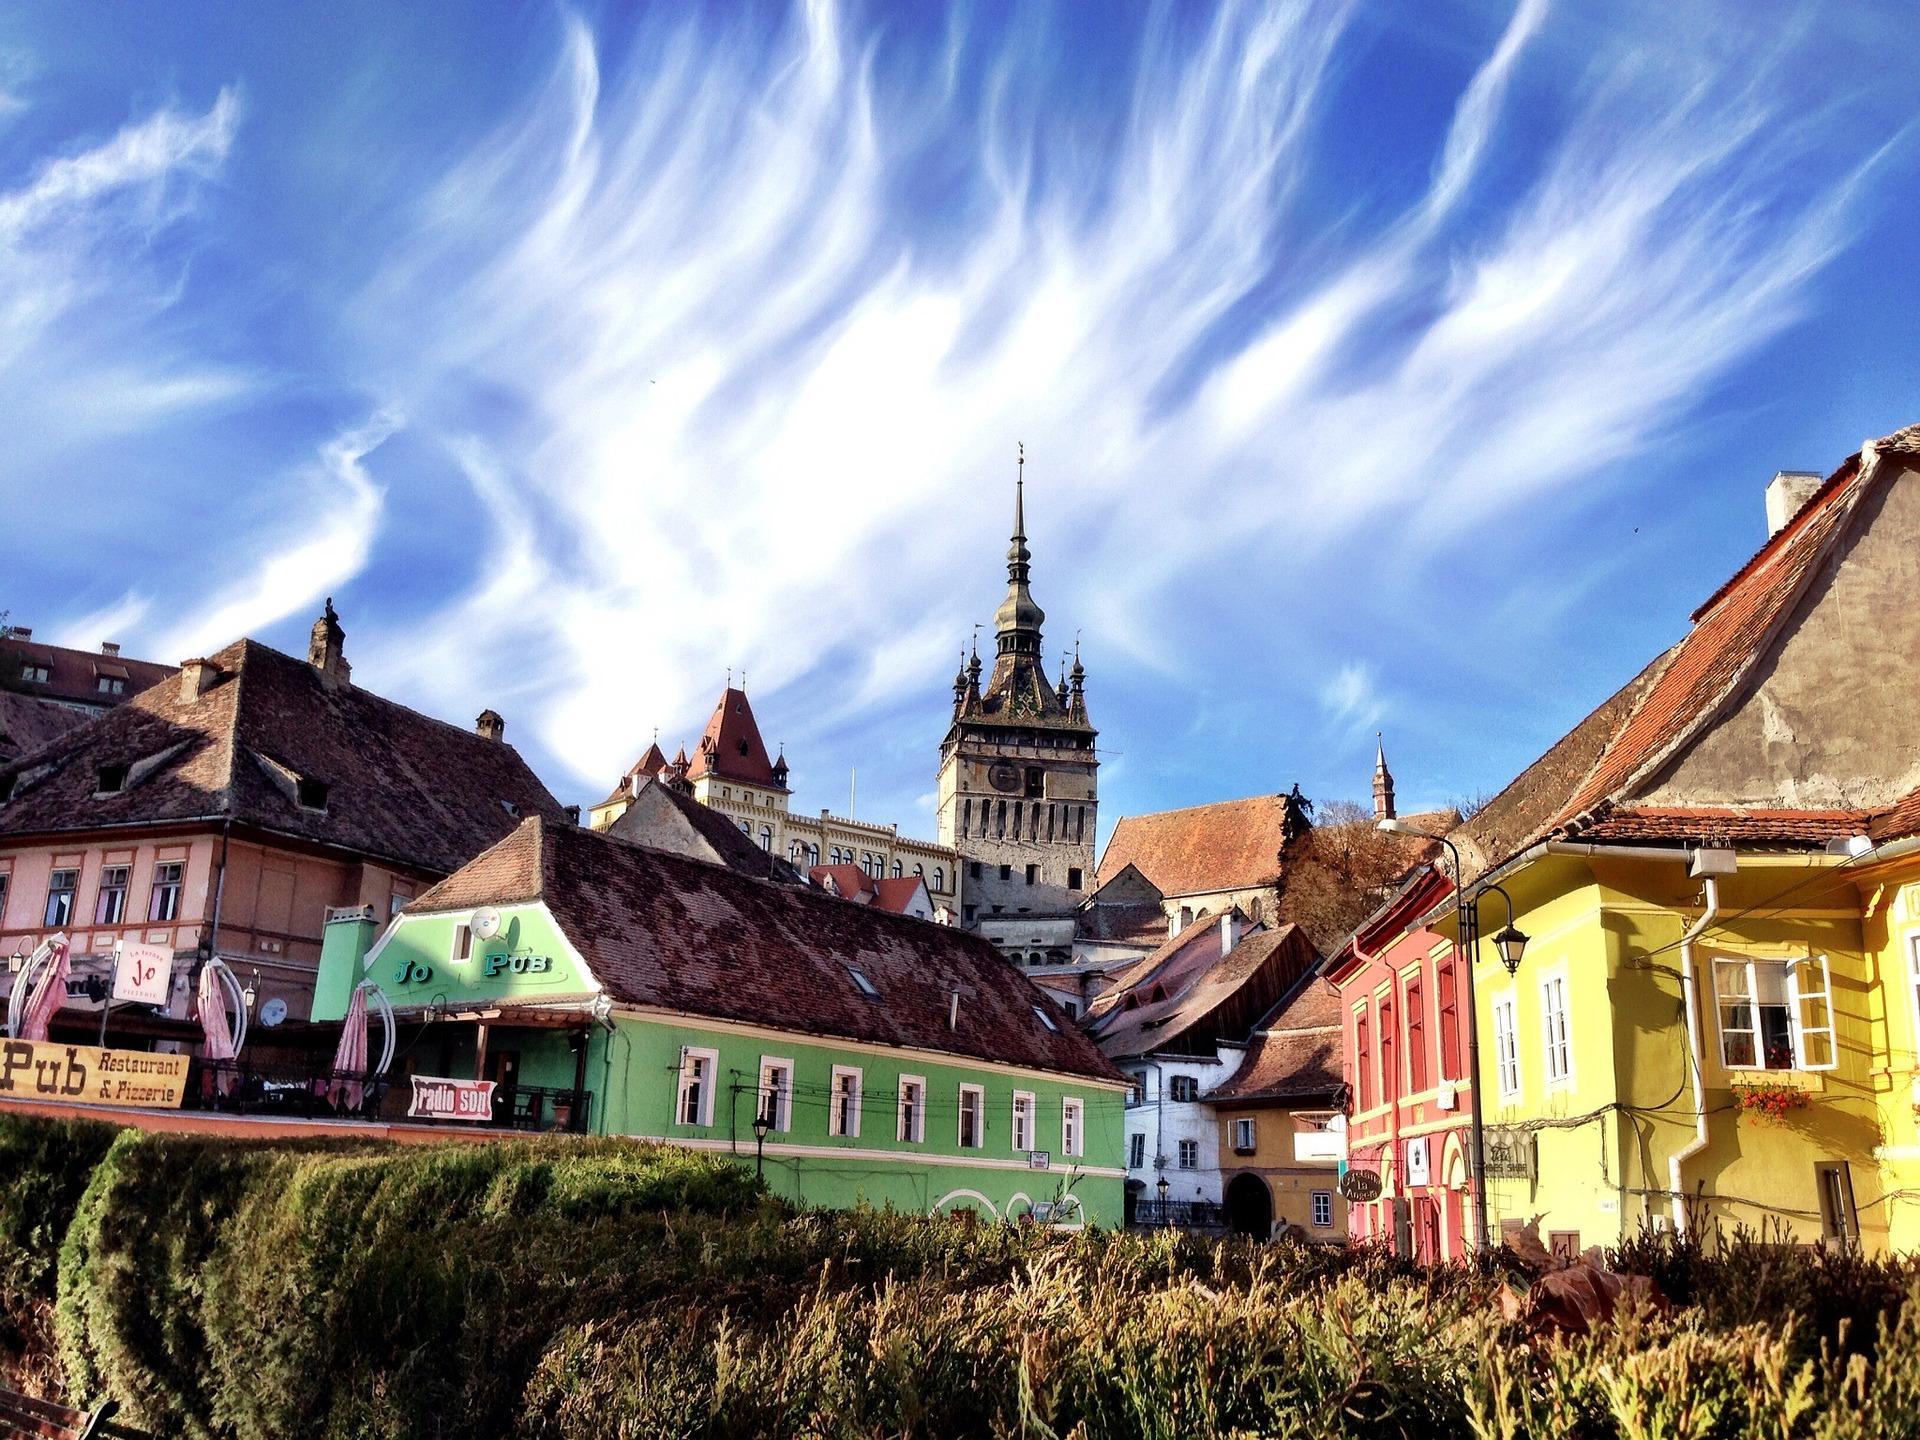 Sighisoara la ciudad mágica de Transilvania